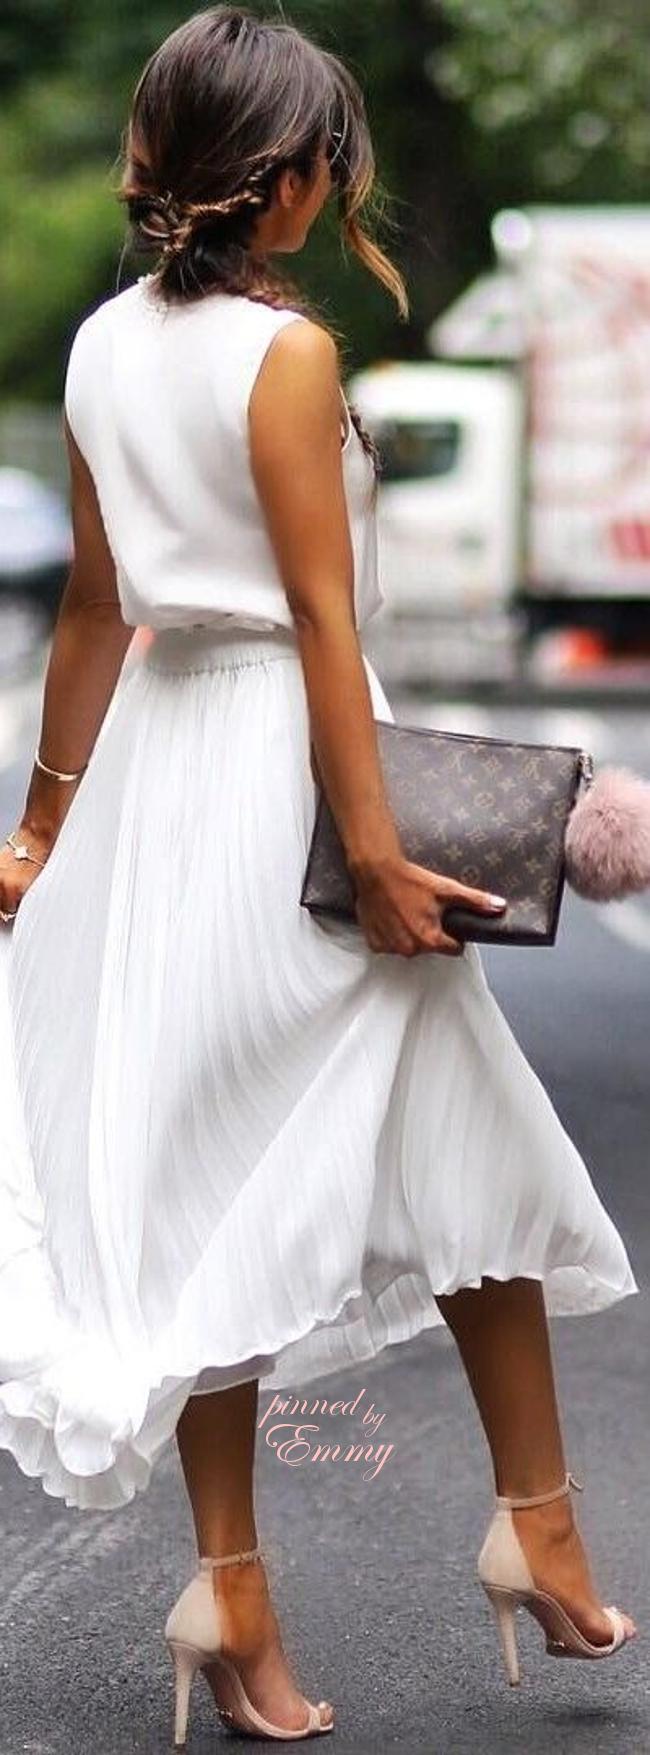 Streetstyle White Louisvuitton Pastel Hair Outfit